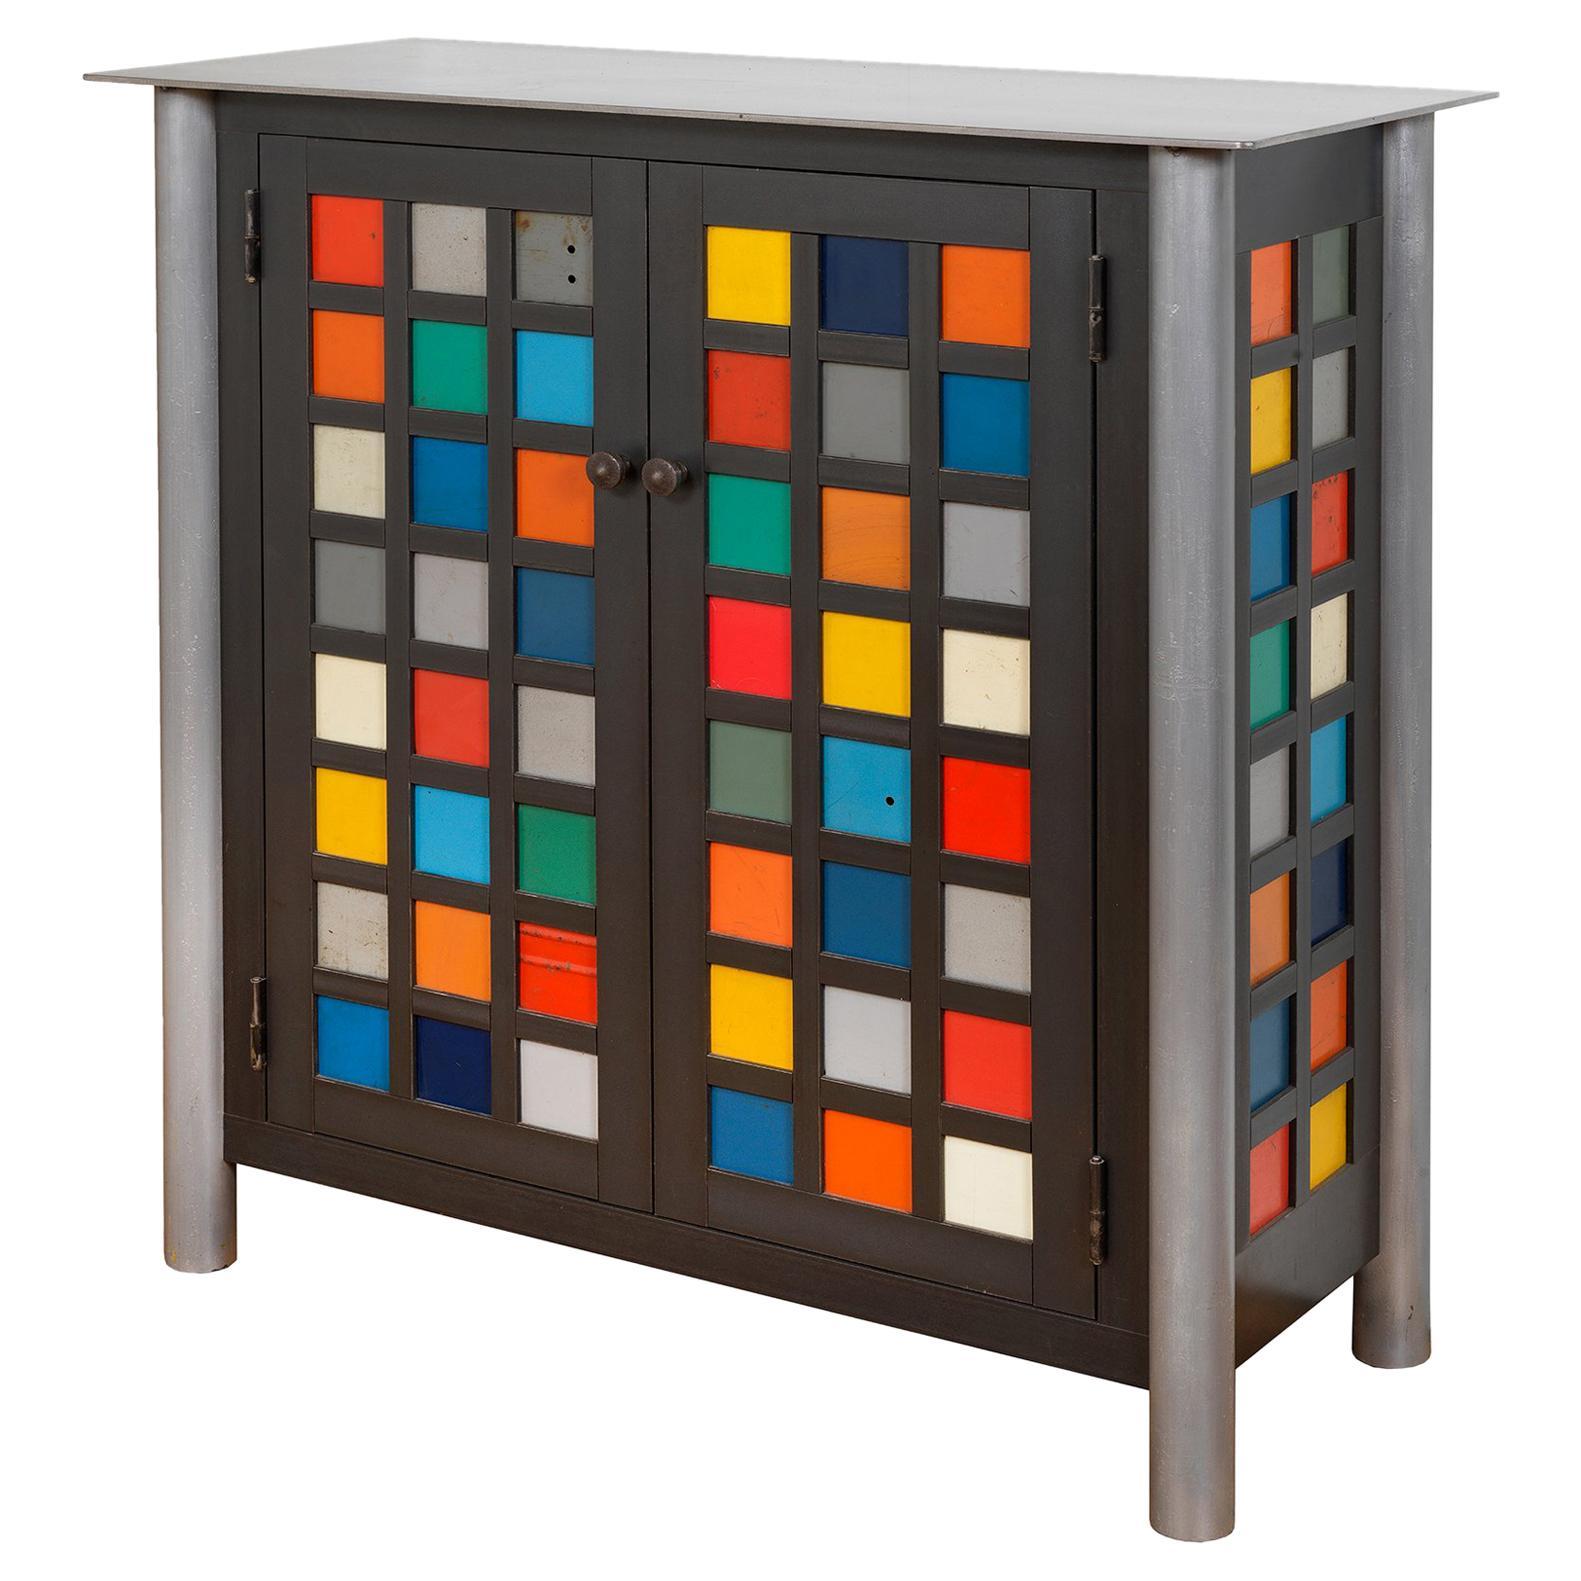 Jim Rose Two-Door Multicolor Block Quilt Cupboard, Steel Art Furniture